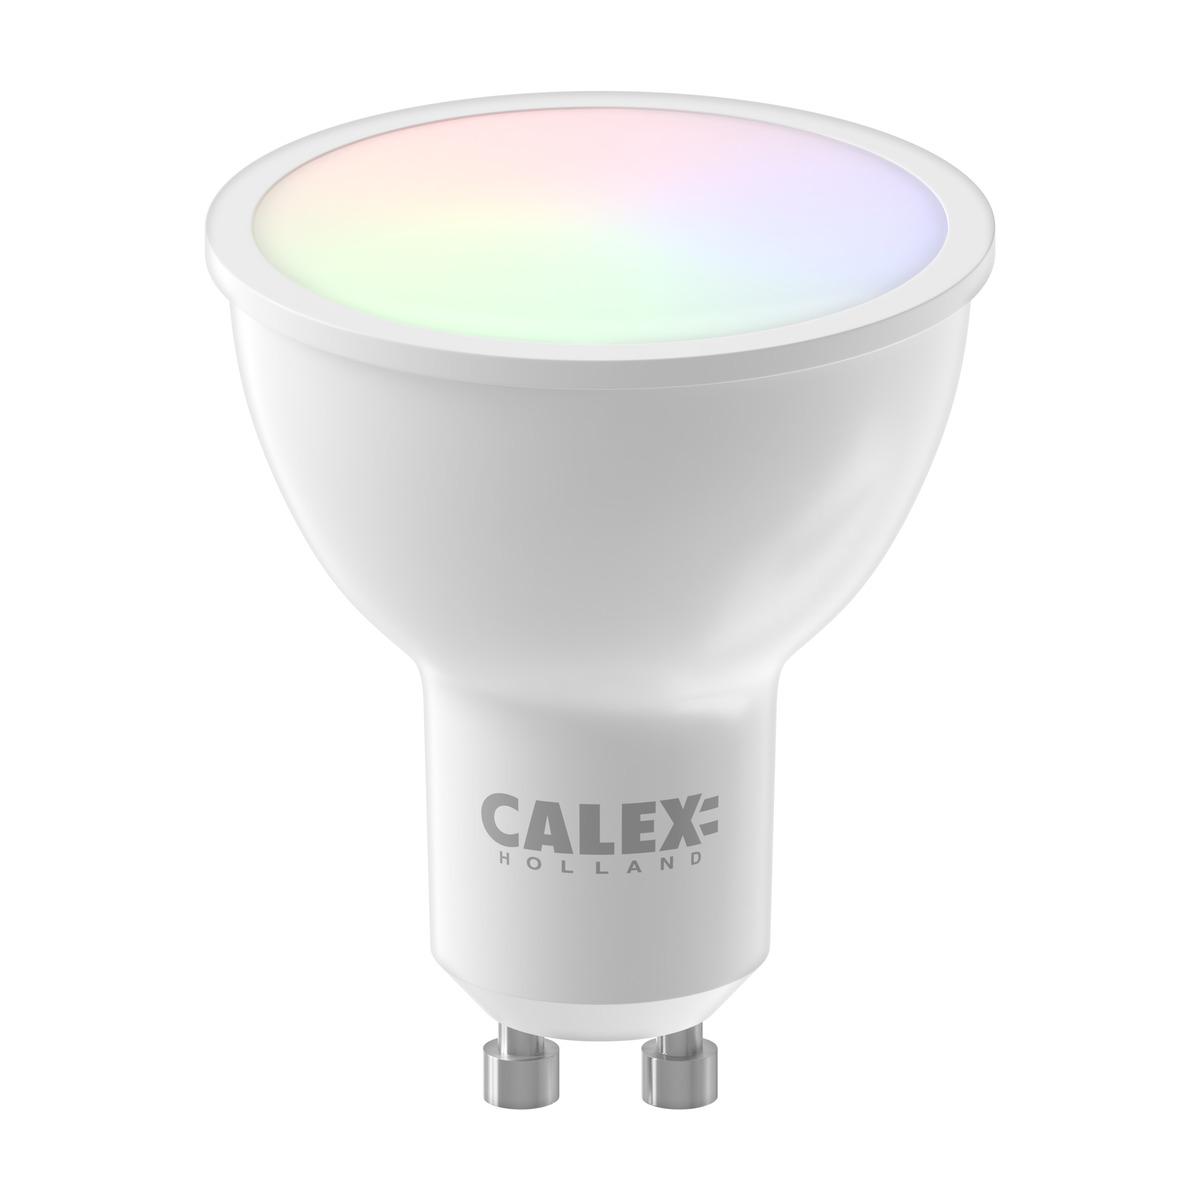 Calex 5W 350lm Reflector